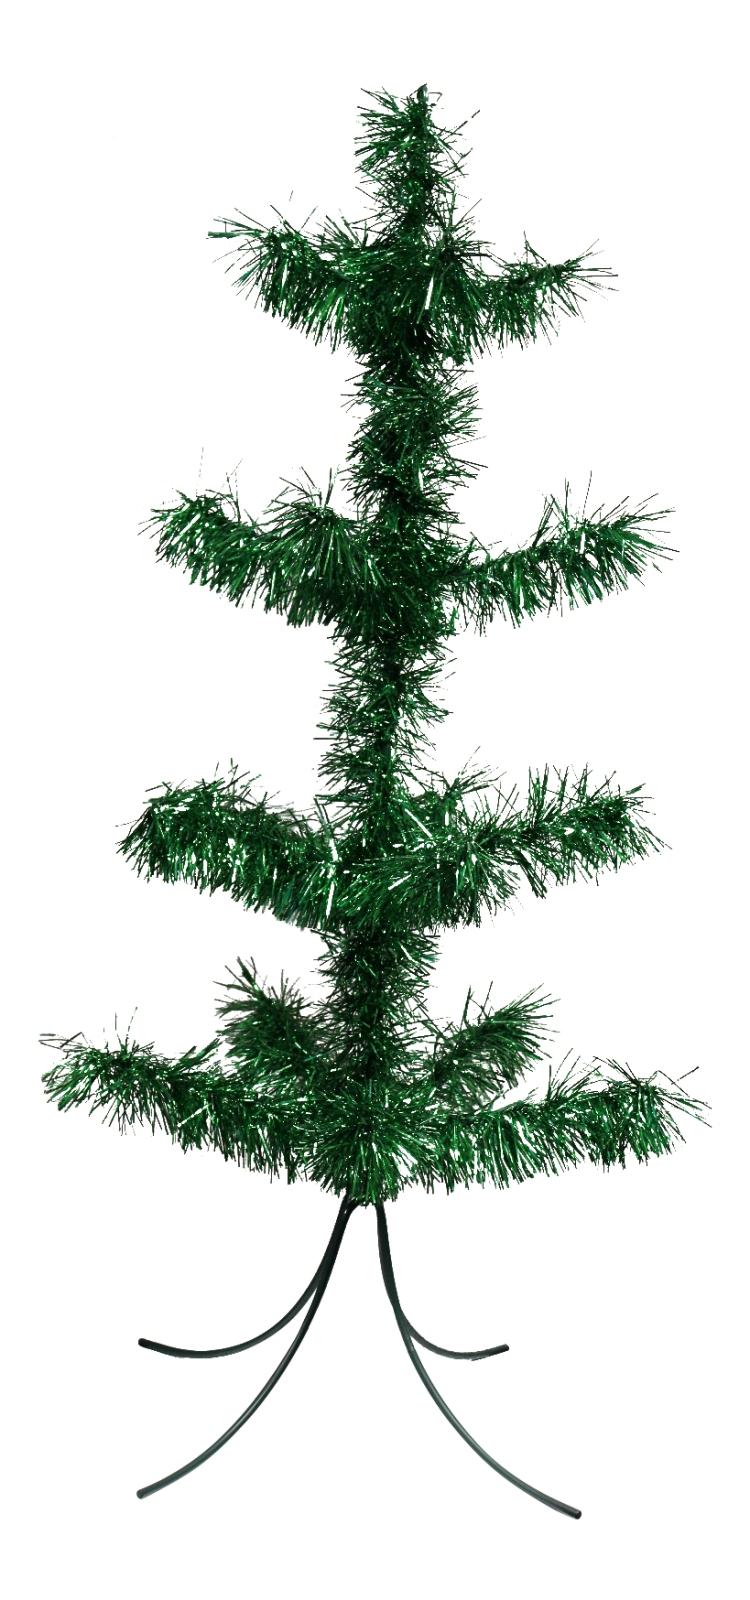 Christmas tree ornament display - Christmas Tree Ornament Display 42